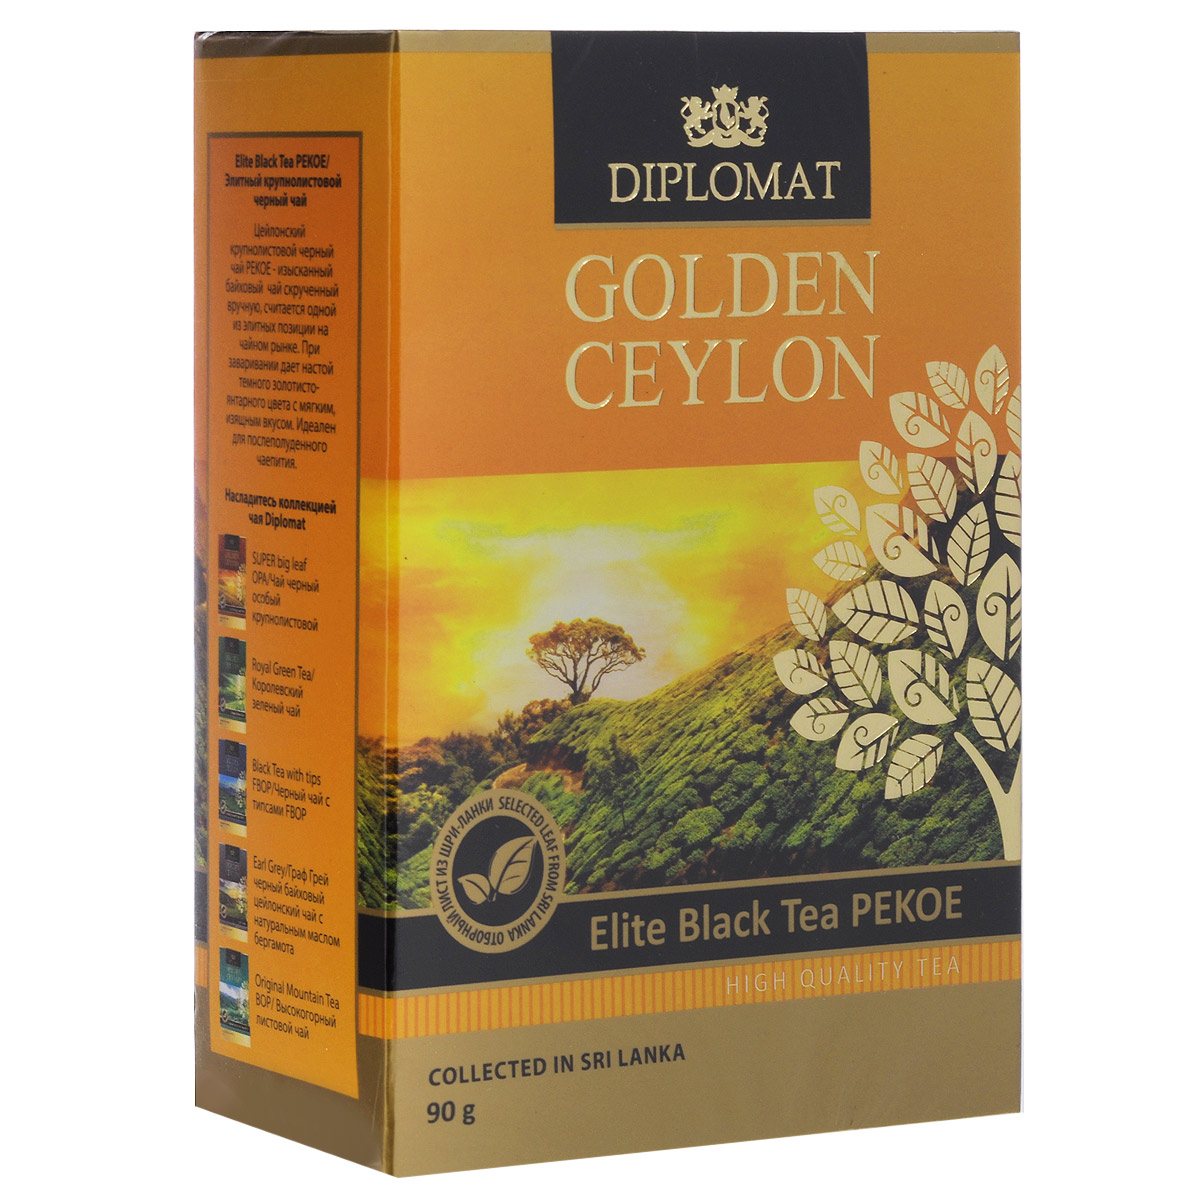 Diplomat Elite Black Tea PEKOE черный крупнолистовой чай, 90 г4623720876876Diplomat Elite Black Tea PEKOE - изысканный байховый чай скрученный вручную, считается одной из элитных позиции на чайном рынке. При заваривании дает настой темного золотисто-янтарного цвета с мягким, изящным вкусом. Идеален для послеполуденного чаепития.